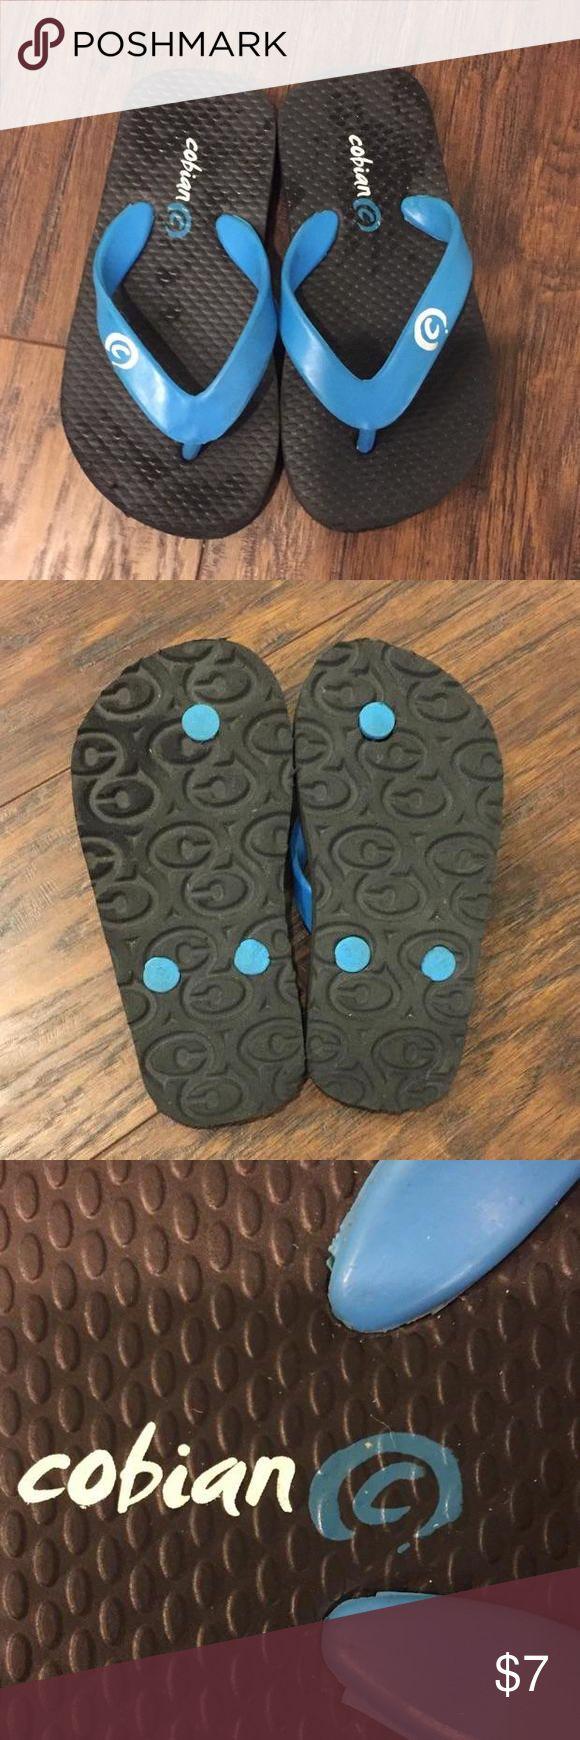 Cobian Flip flops size 8-9 Cobian flip flops size 8-9. Worn about 2 times. Cobian Shoes Sandals & Flip Flops